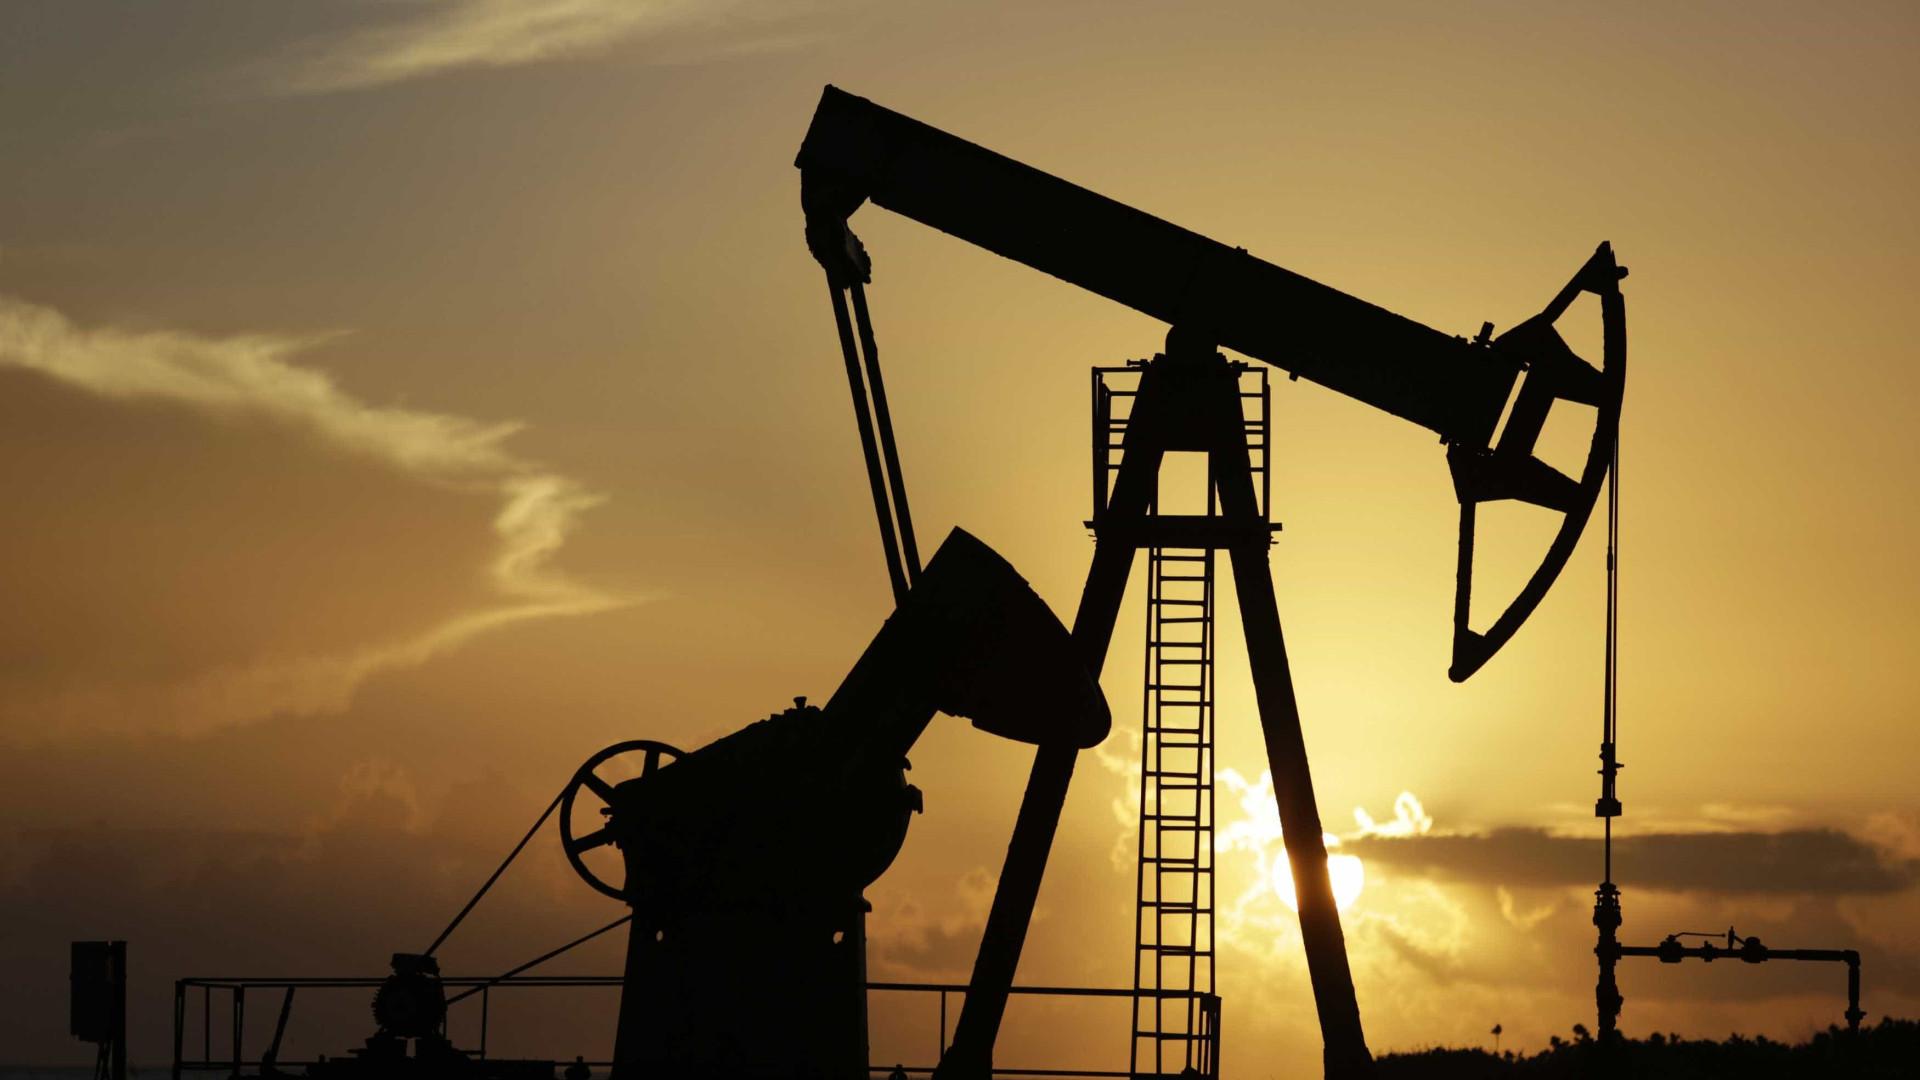 Países decidem reduzir produção de petróleo e forçar alta dos preços